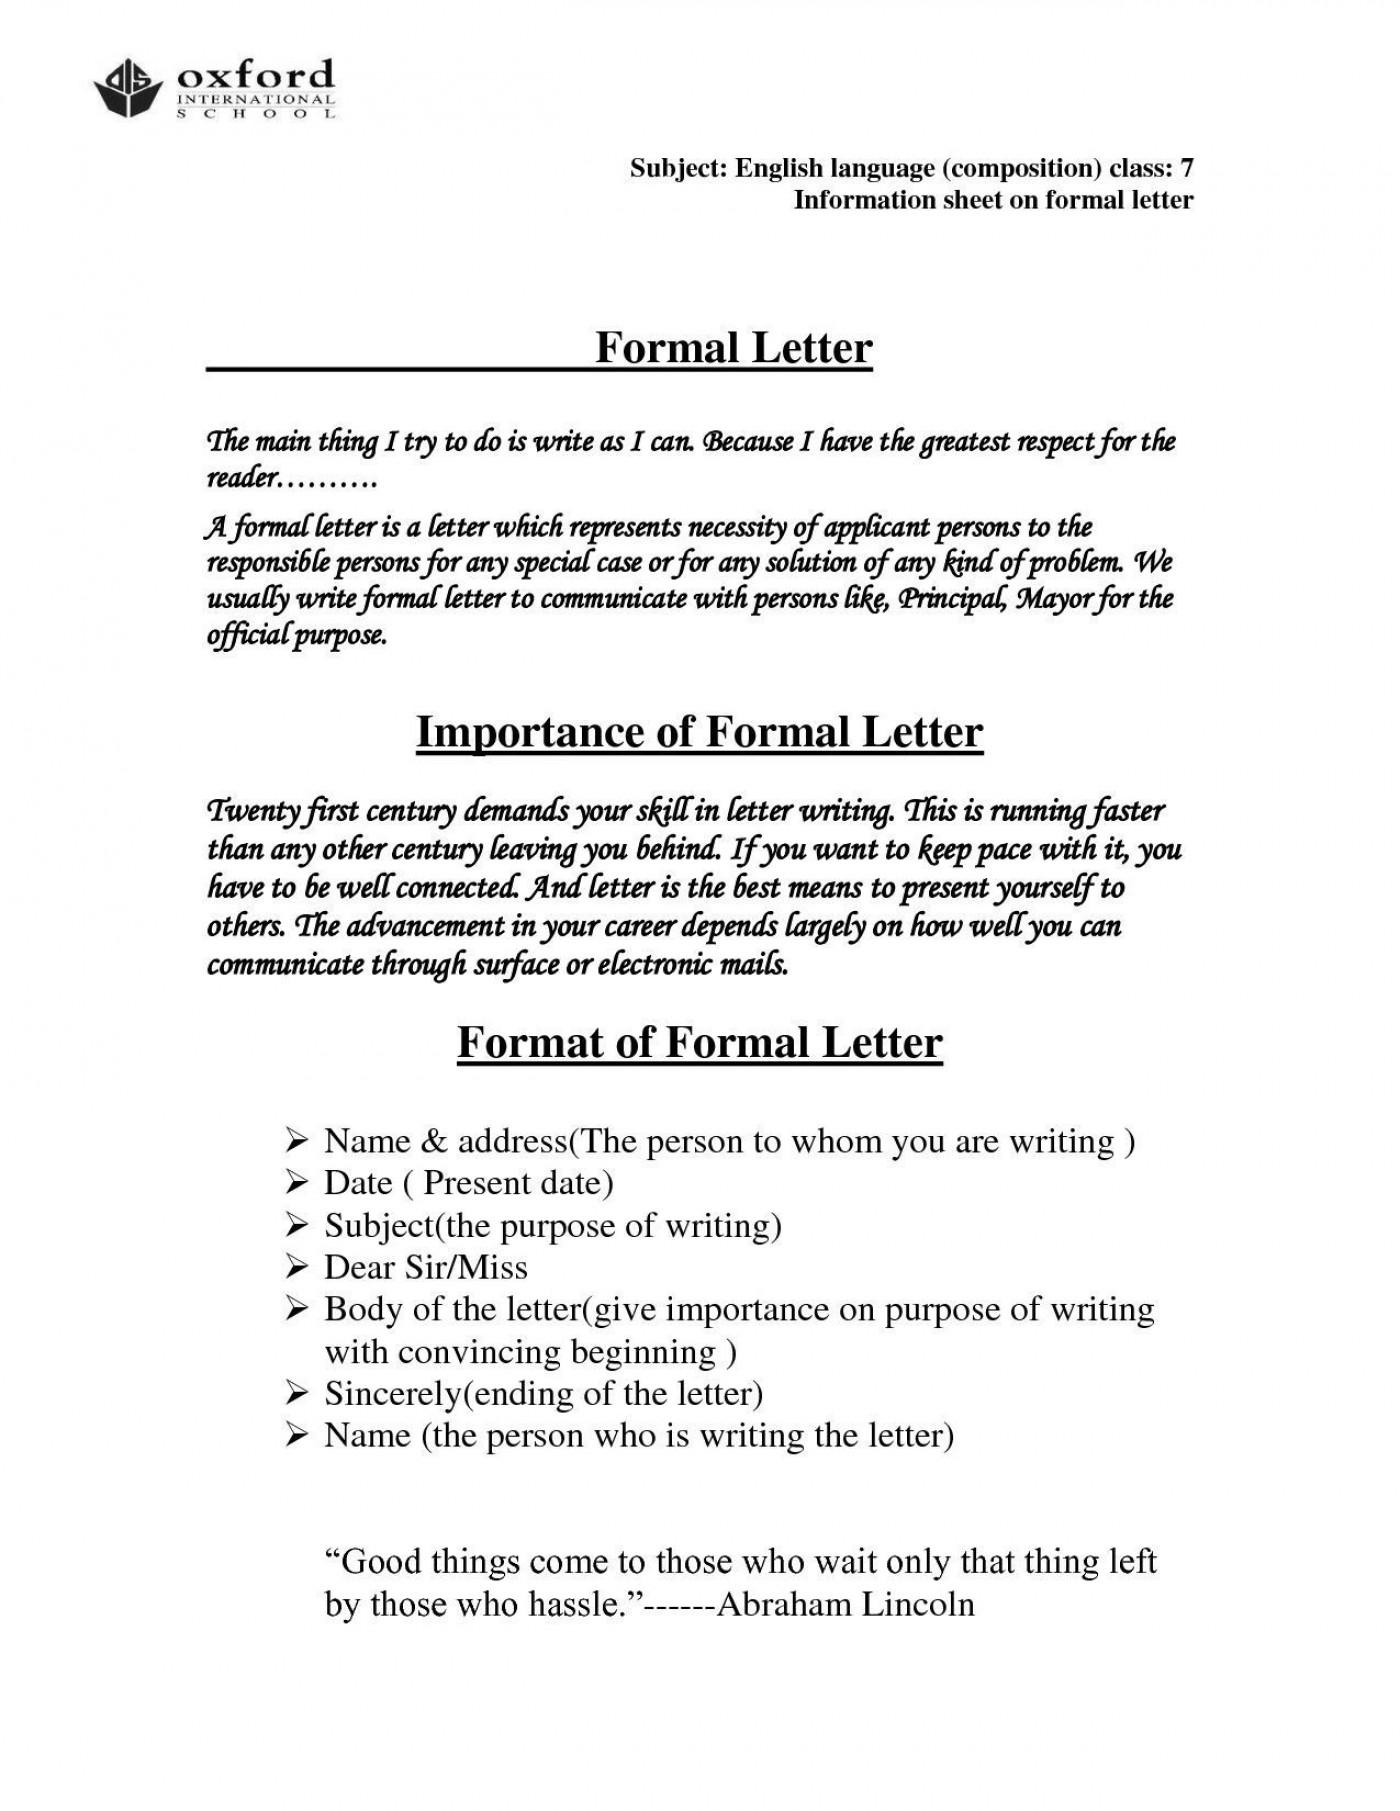 006 Shocking Hindi Letter Writing Format Pdf Free Download Inspiration 1400